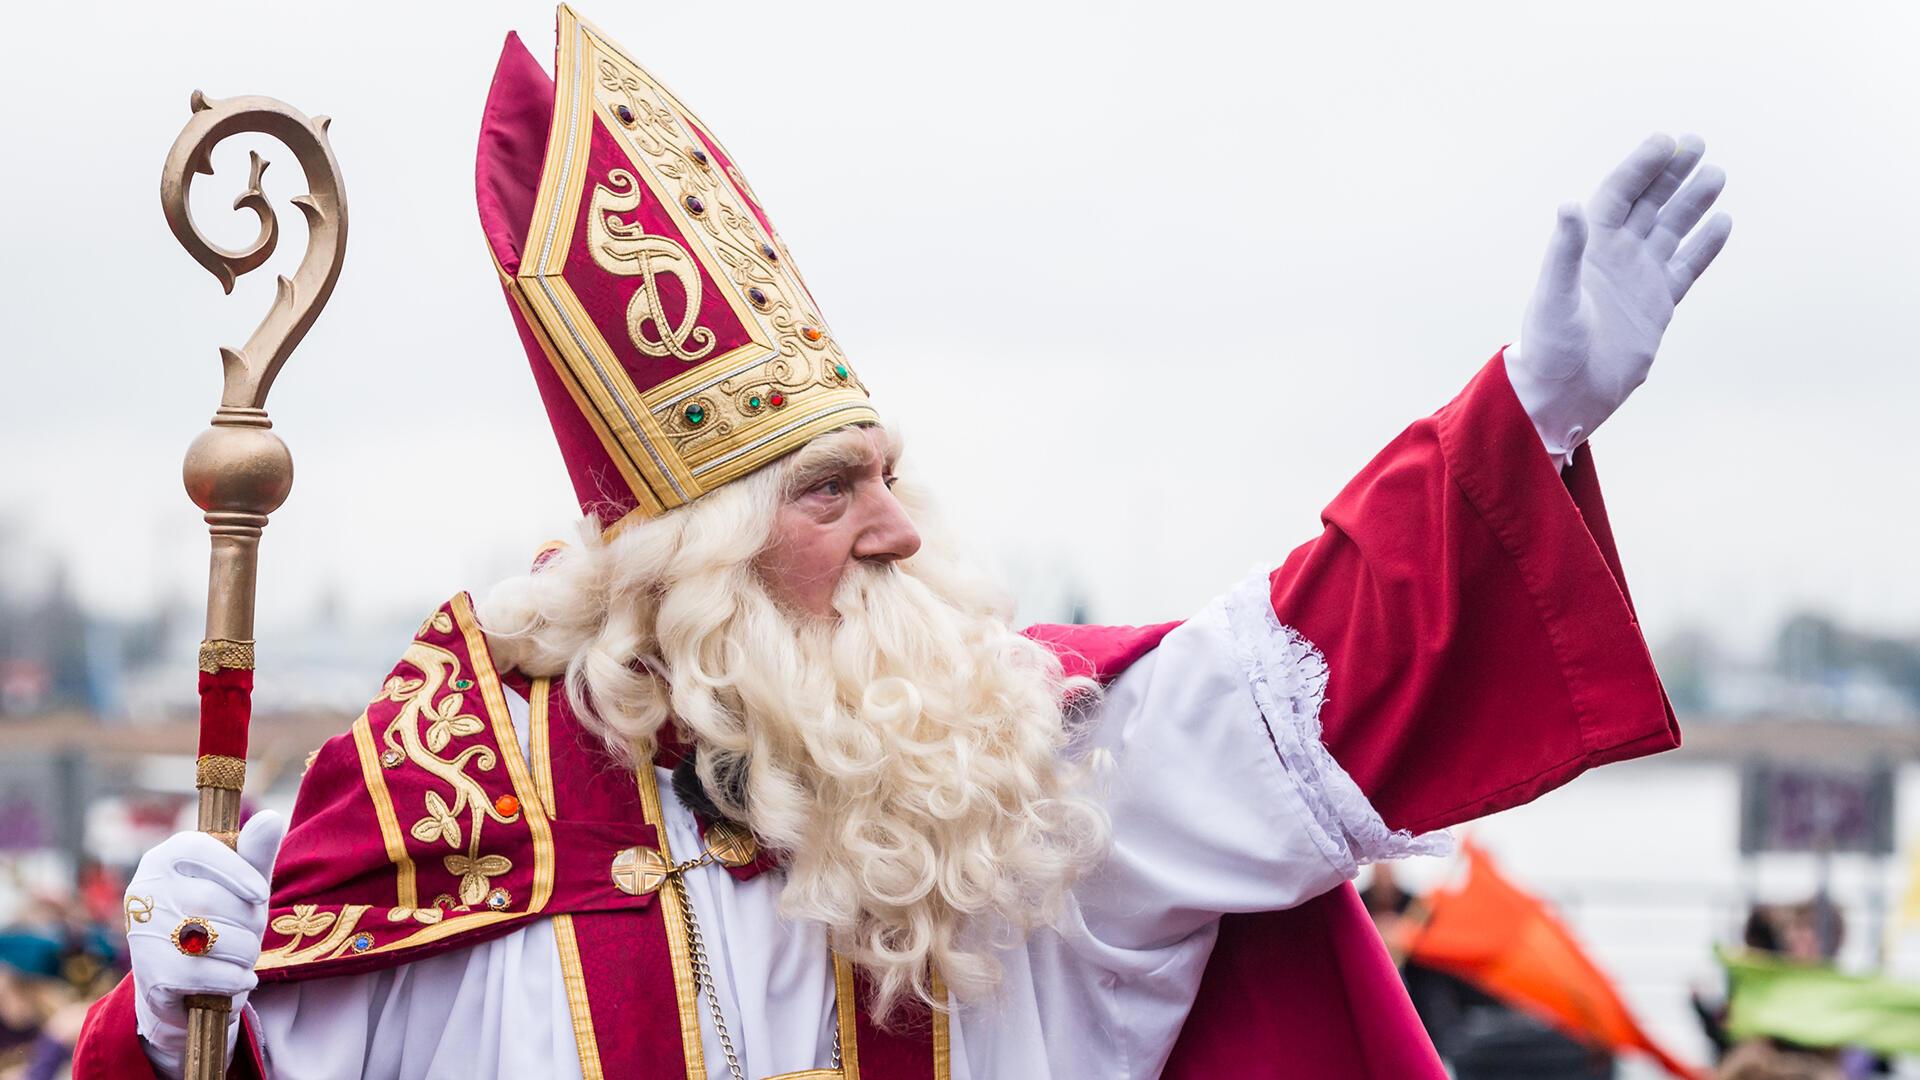 saint nicolas_ap photos_belgique AP604674086050